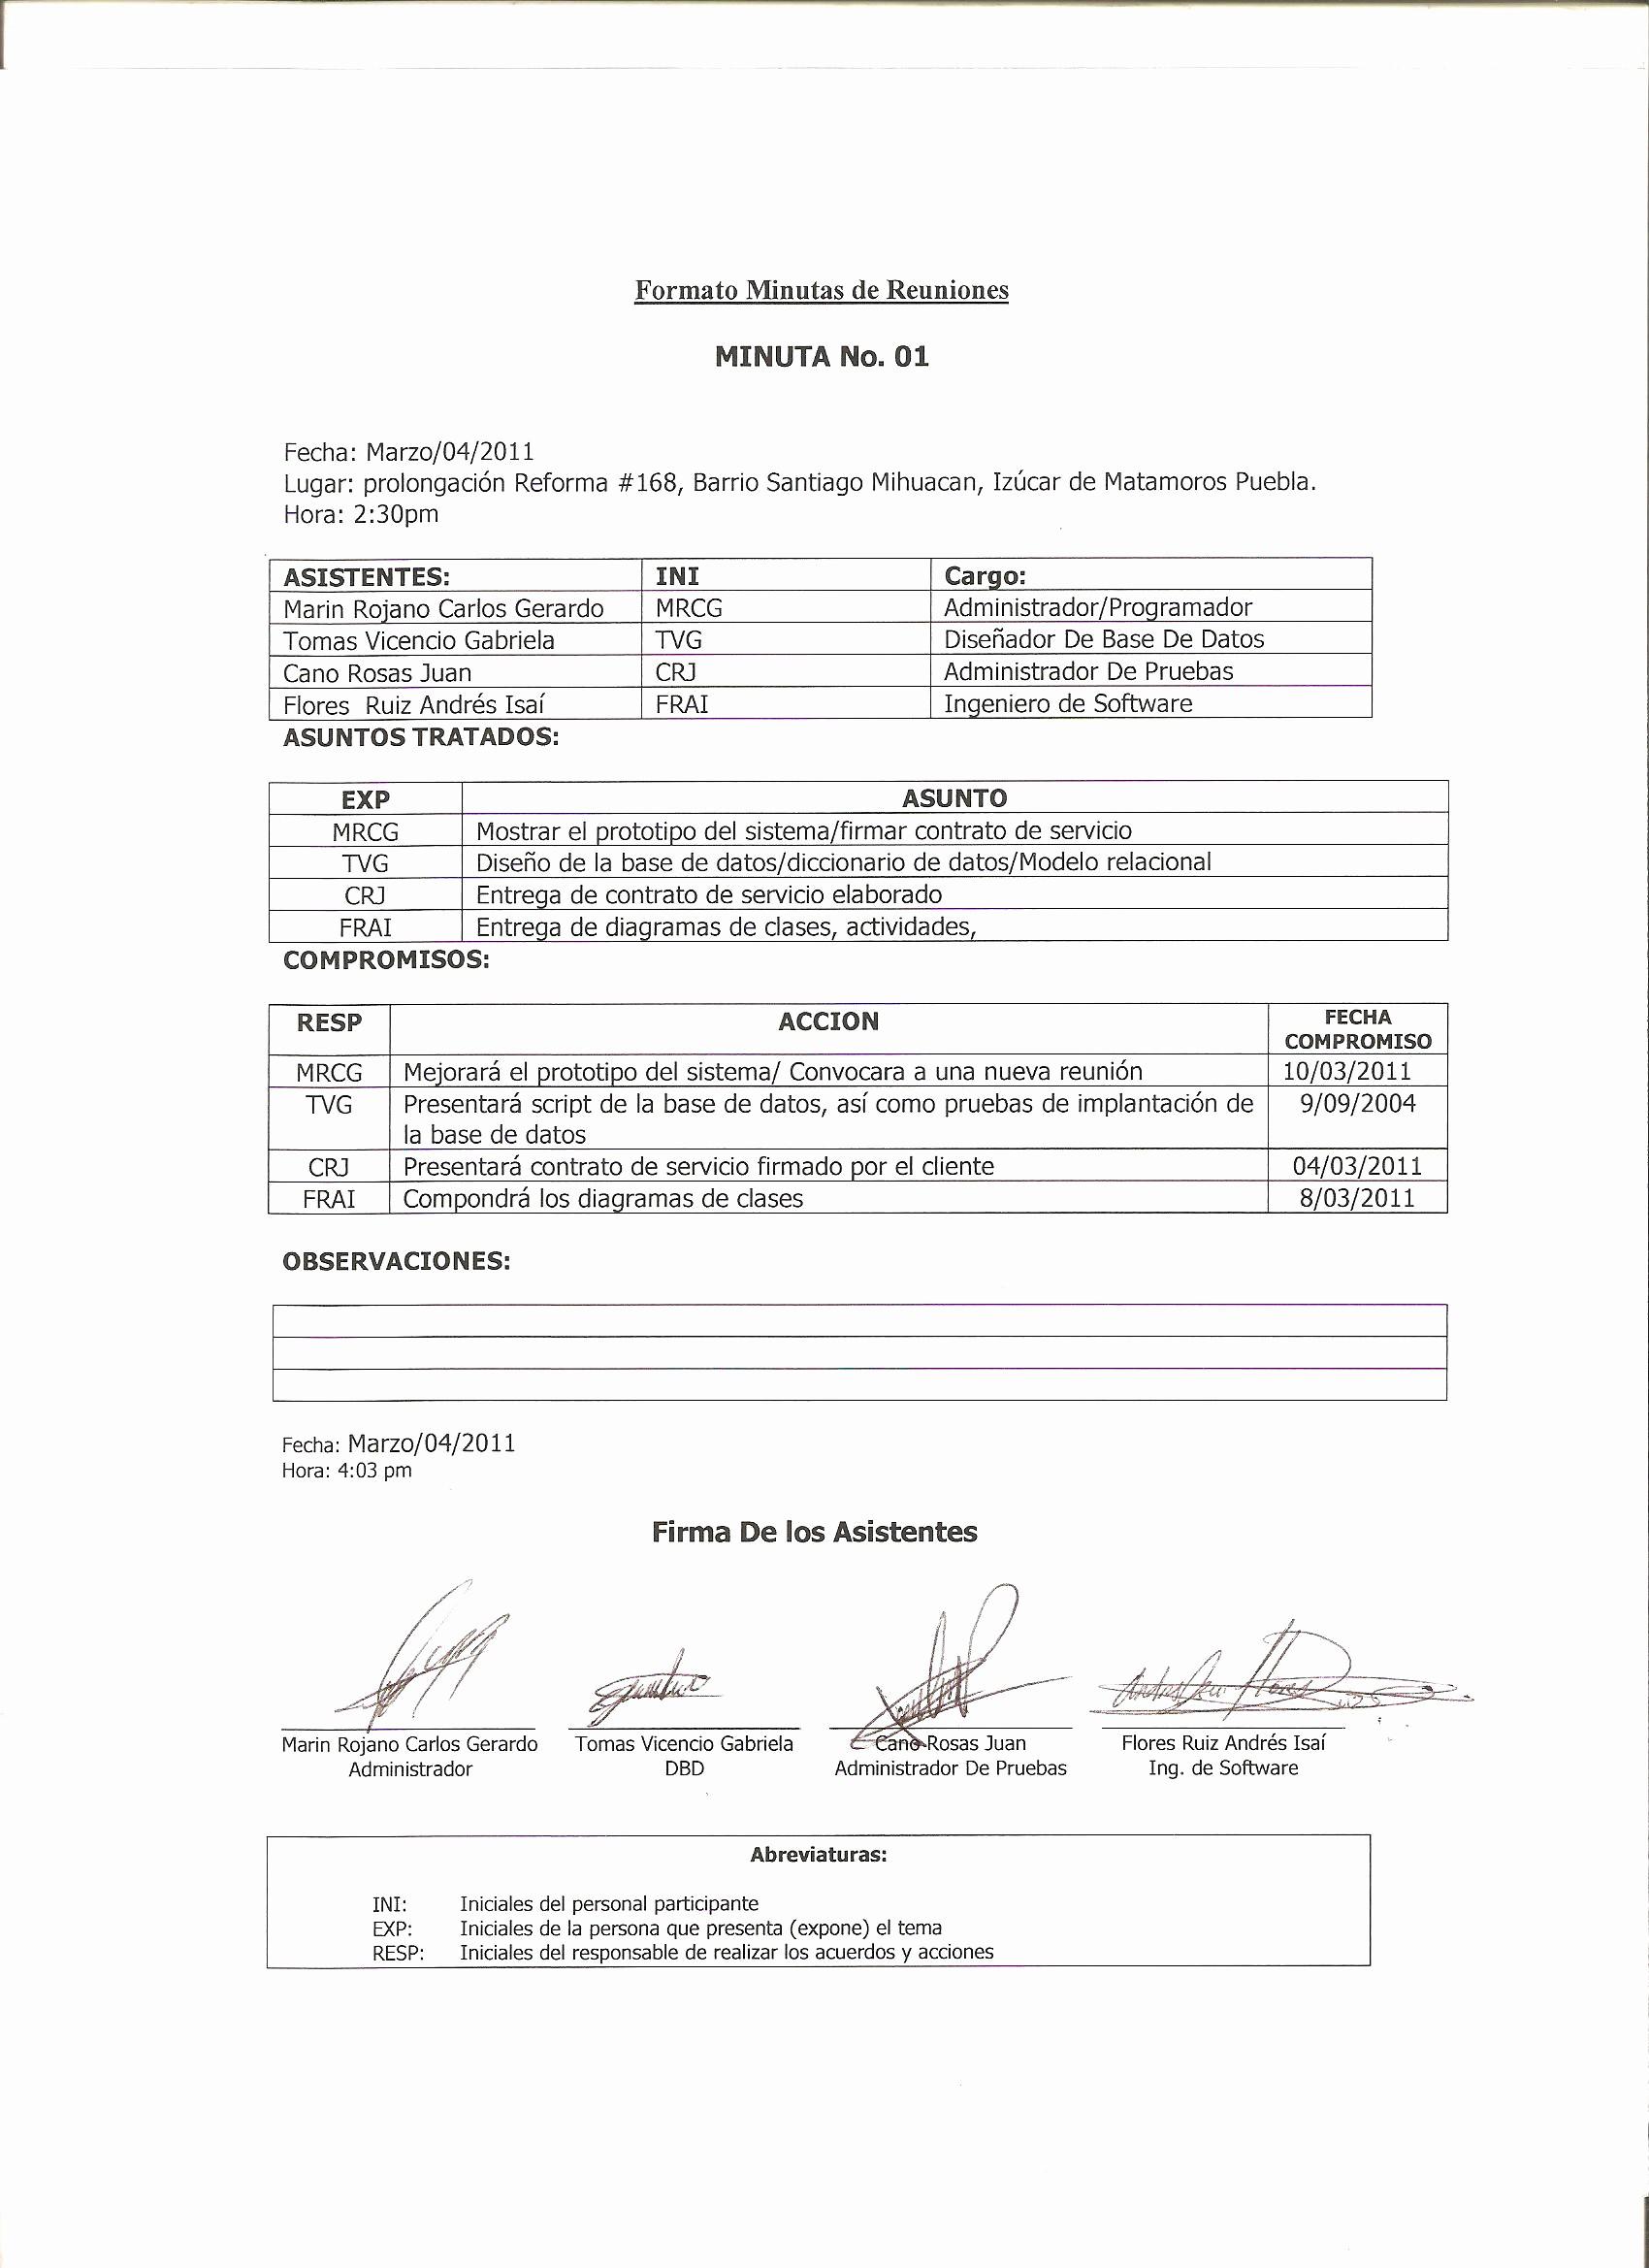 Formato De Minutas De Reunion New Elaborar Documentos De Oficina Minuta